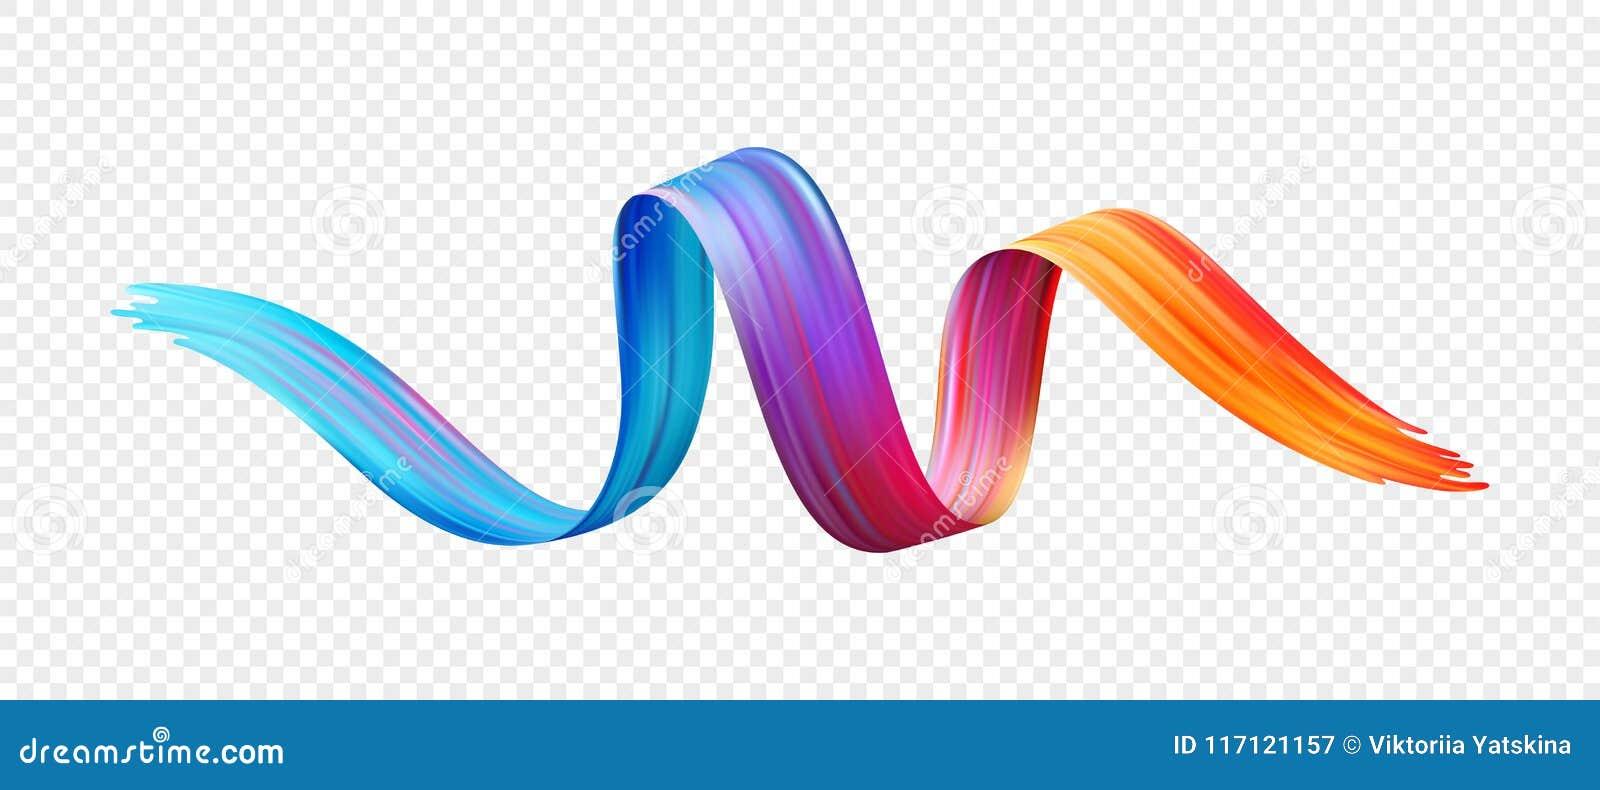 Aceite de la pincelada del color o elemento del diseño de la pintura acrílica Ilustración del vector